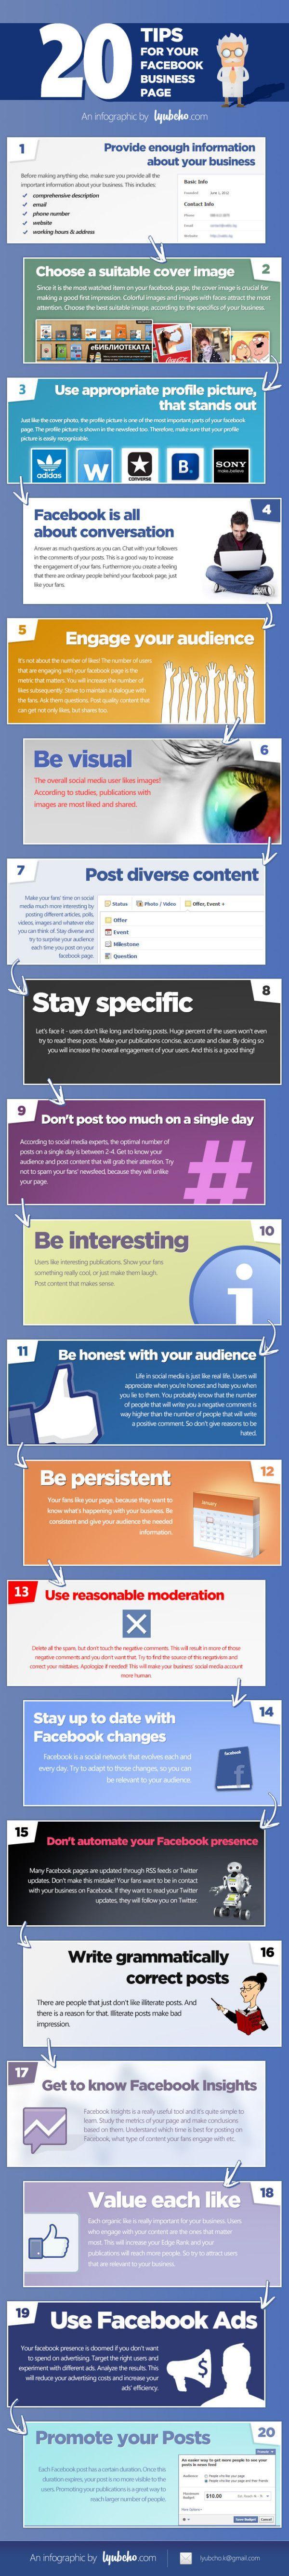 20 trucos para perfeccionar tu página de Facebook - Infografía